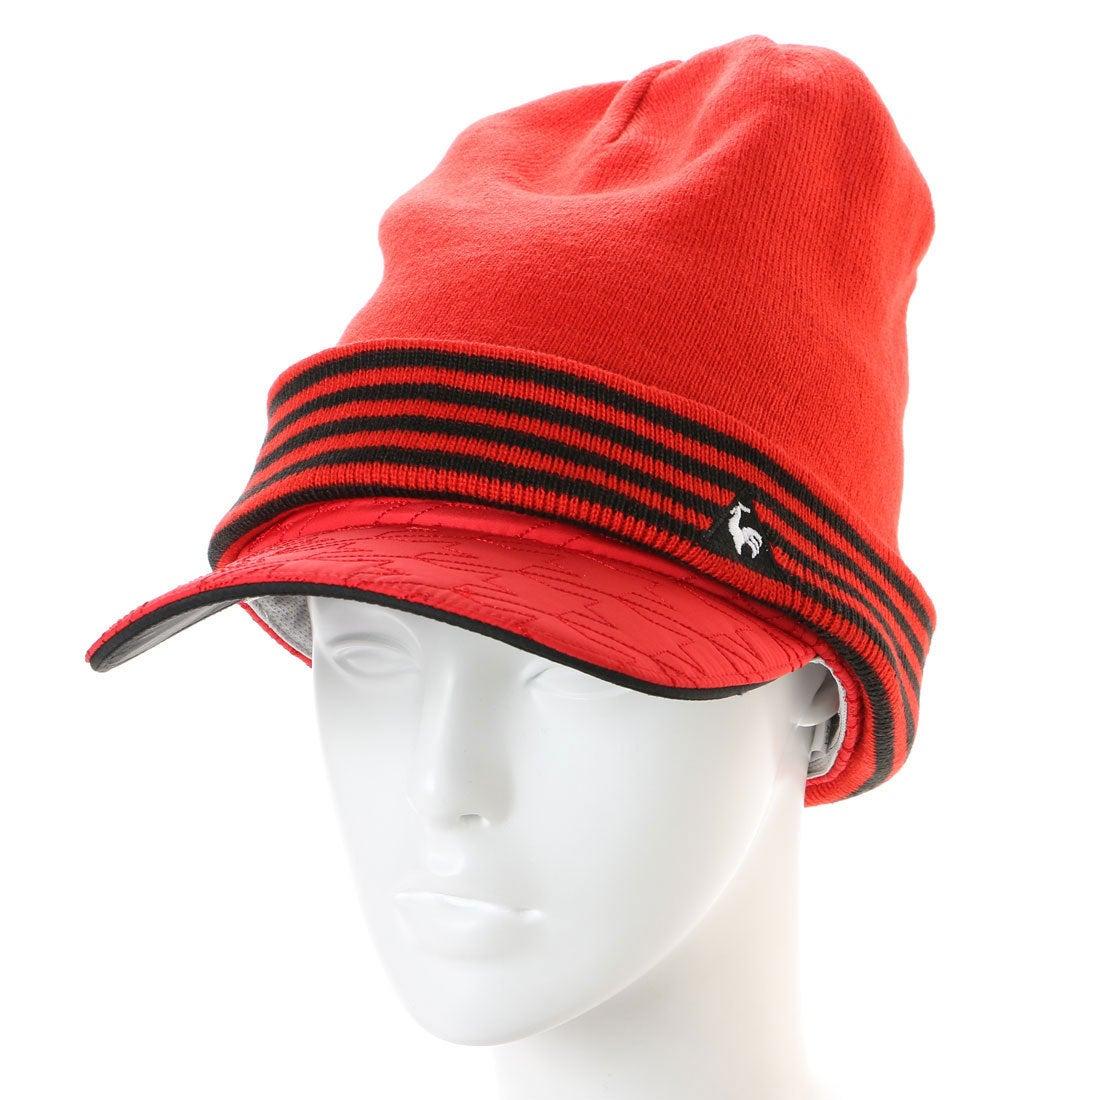 ロコンド 靴とファッションの通販サイトアルビセレステAlbicelesteレディースゴルフセット帽子帽子QGL0441CP